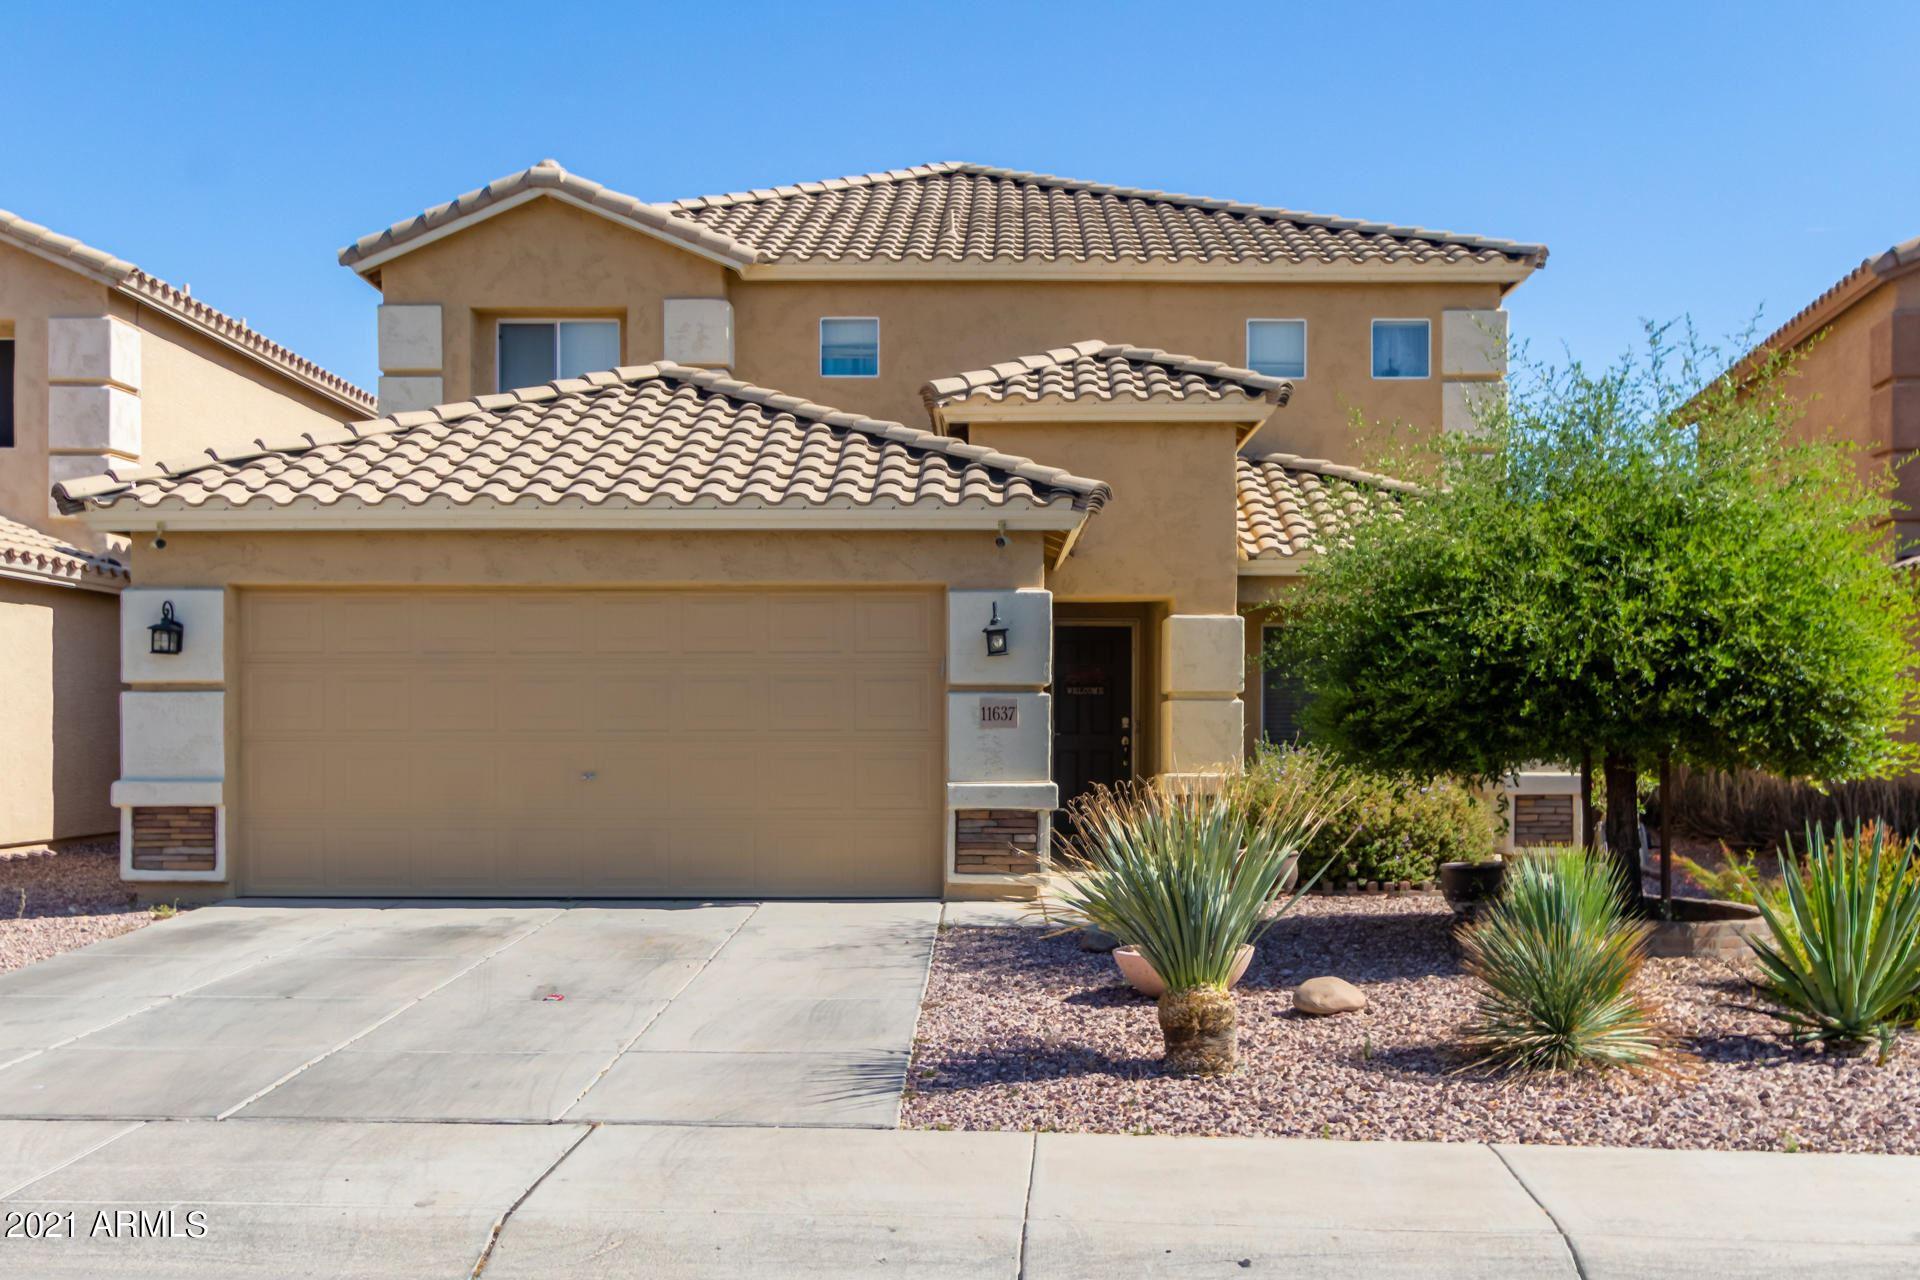 Photo of 11637 W LEE Lane, Youngtown, AZ 85363 (MLS # 6248575)